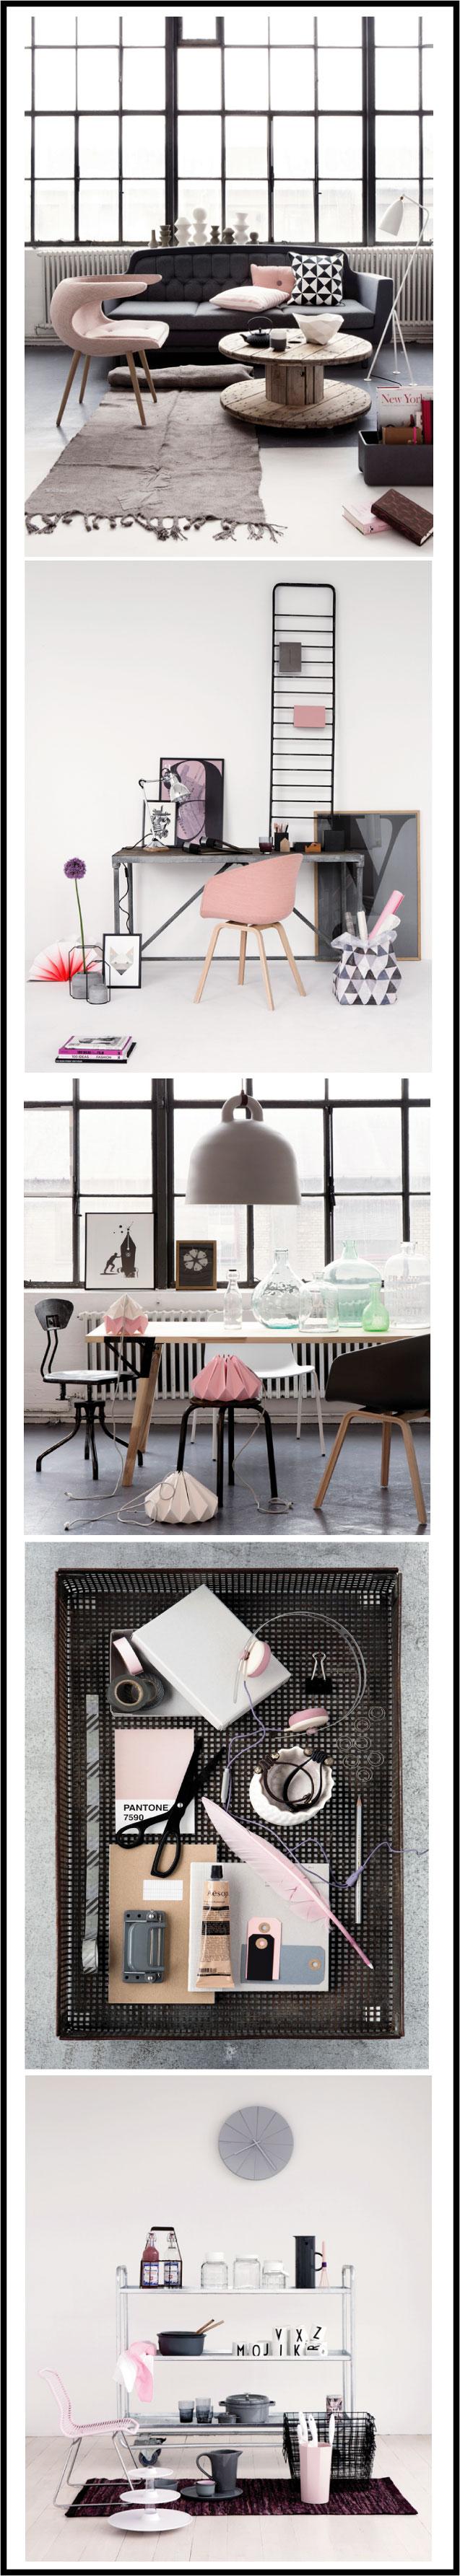 décoration scandinave par le photographe danois Line-Klein par chiara stella home